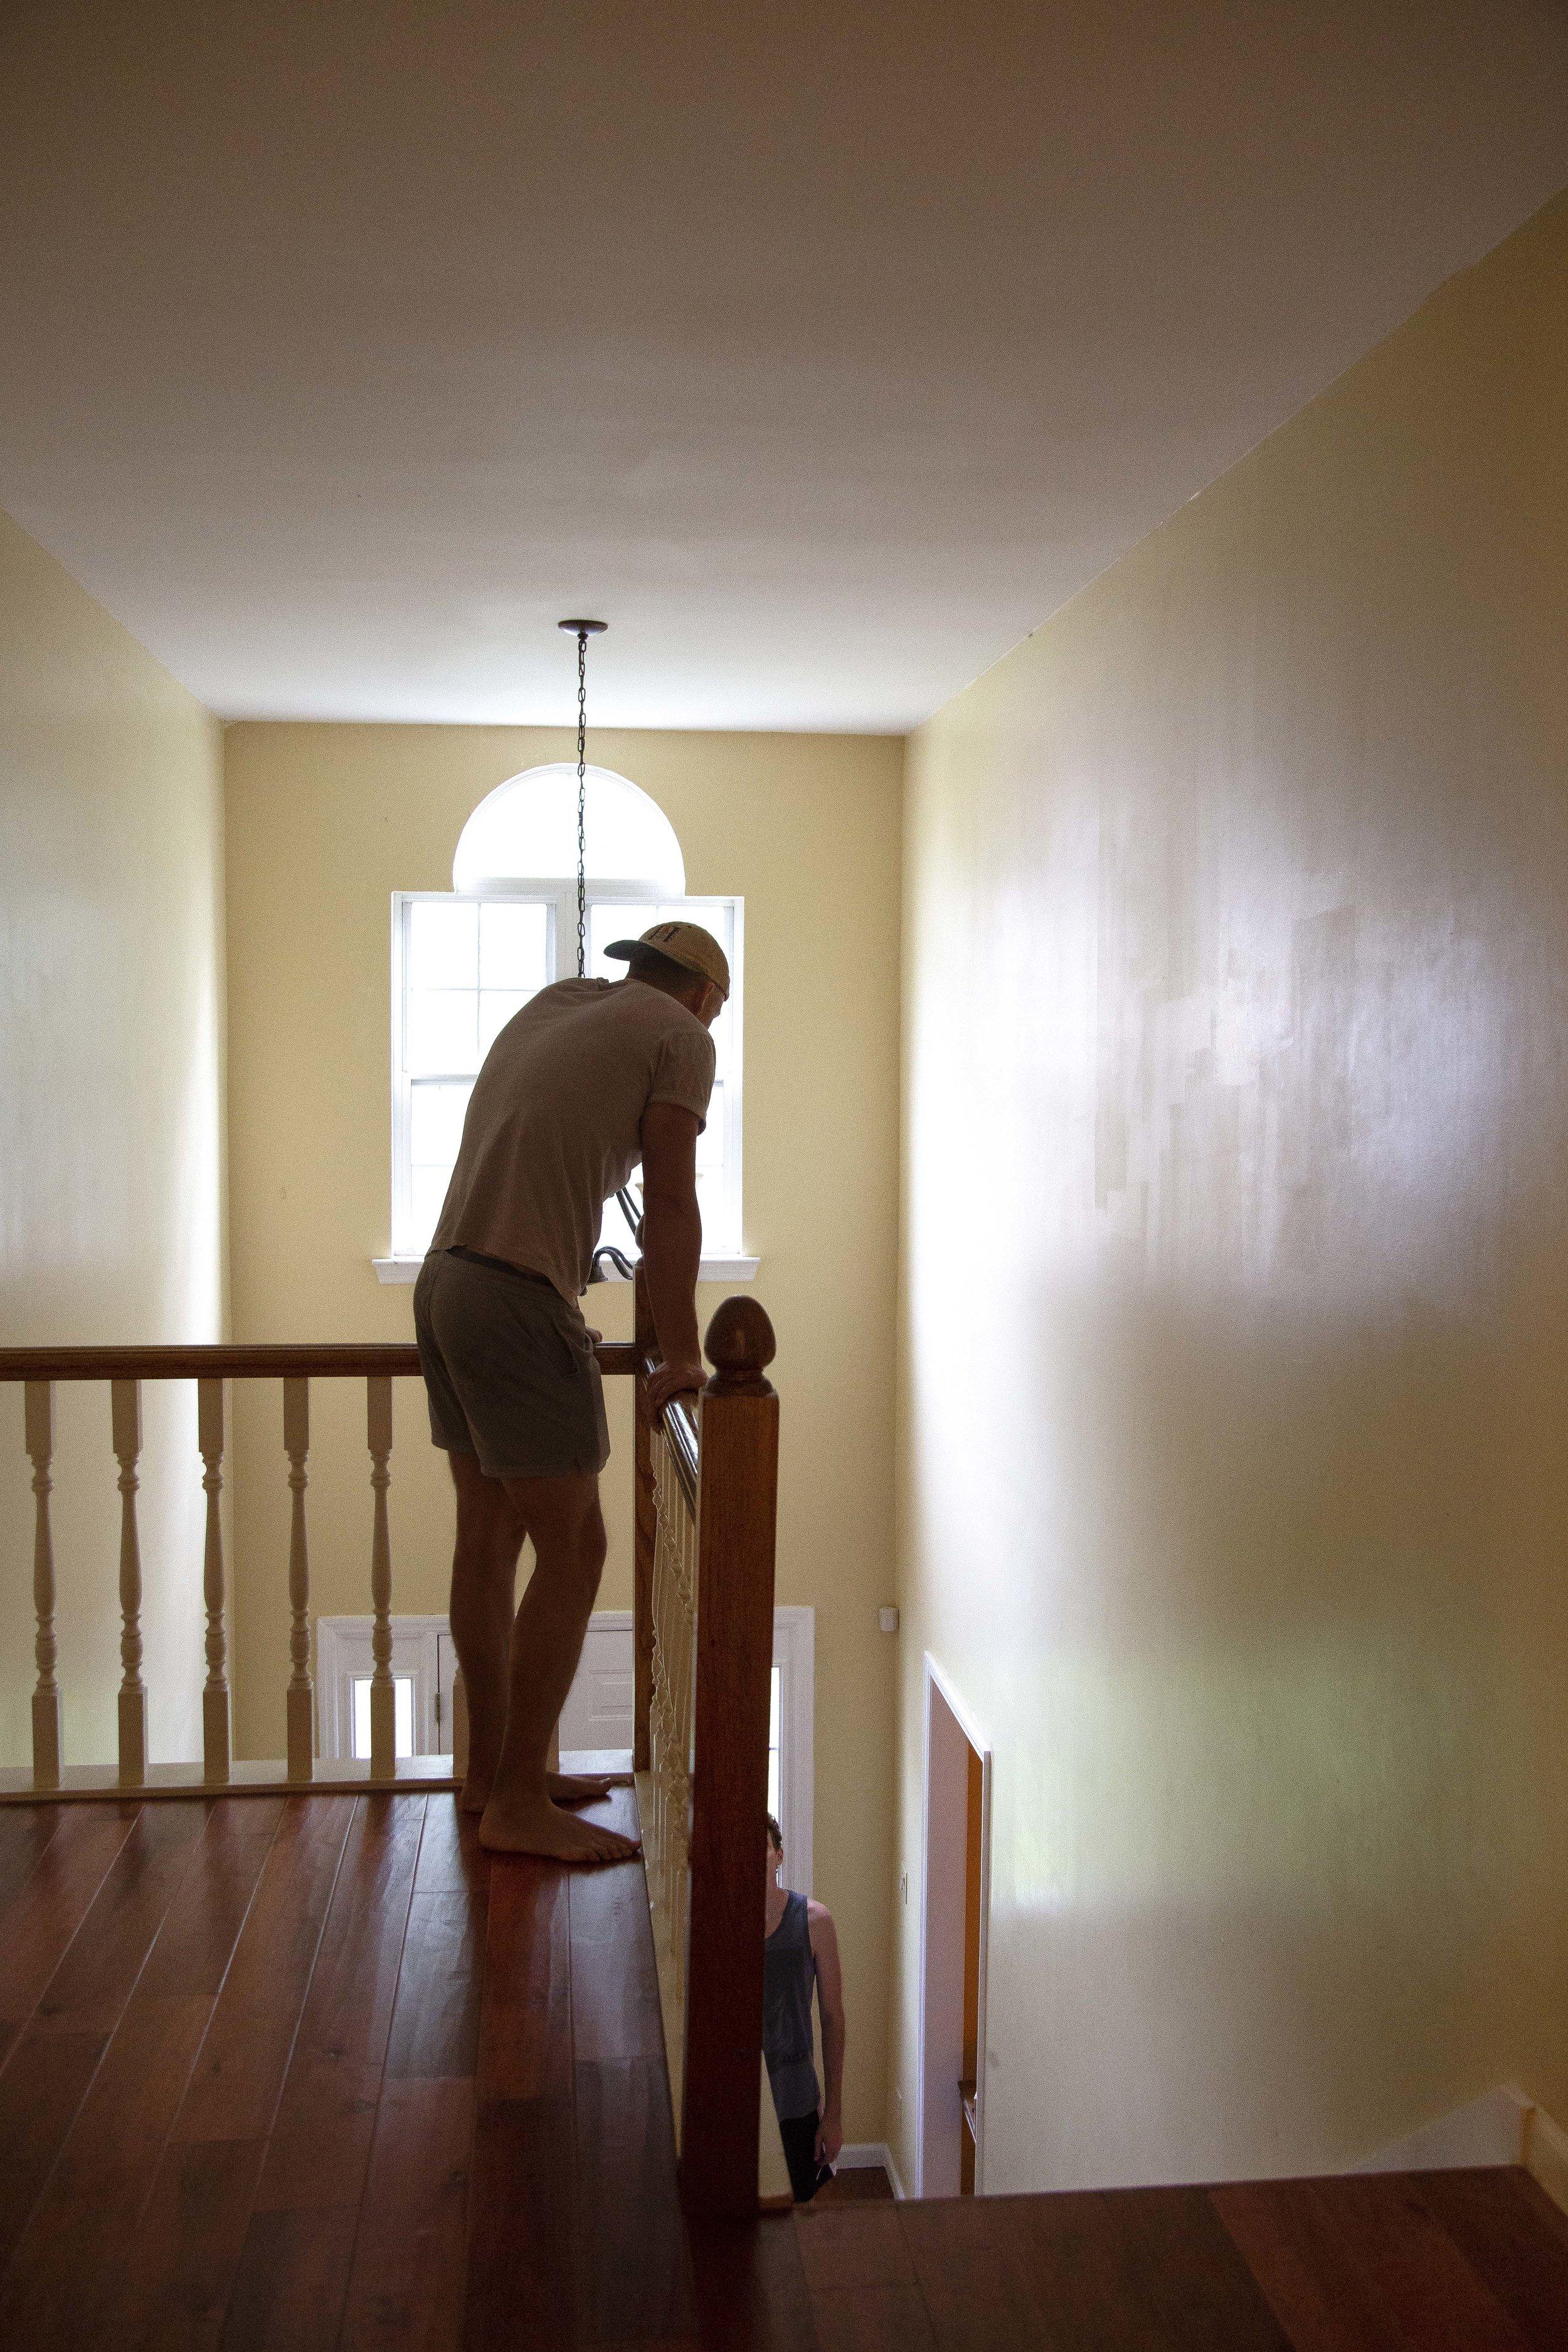 Kale_Ty_Stairs.jpg